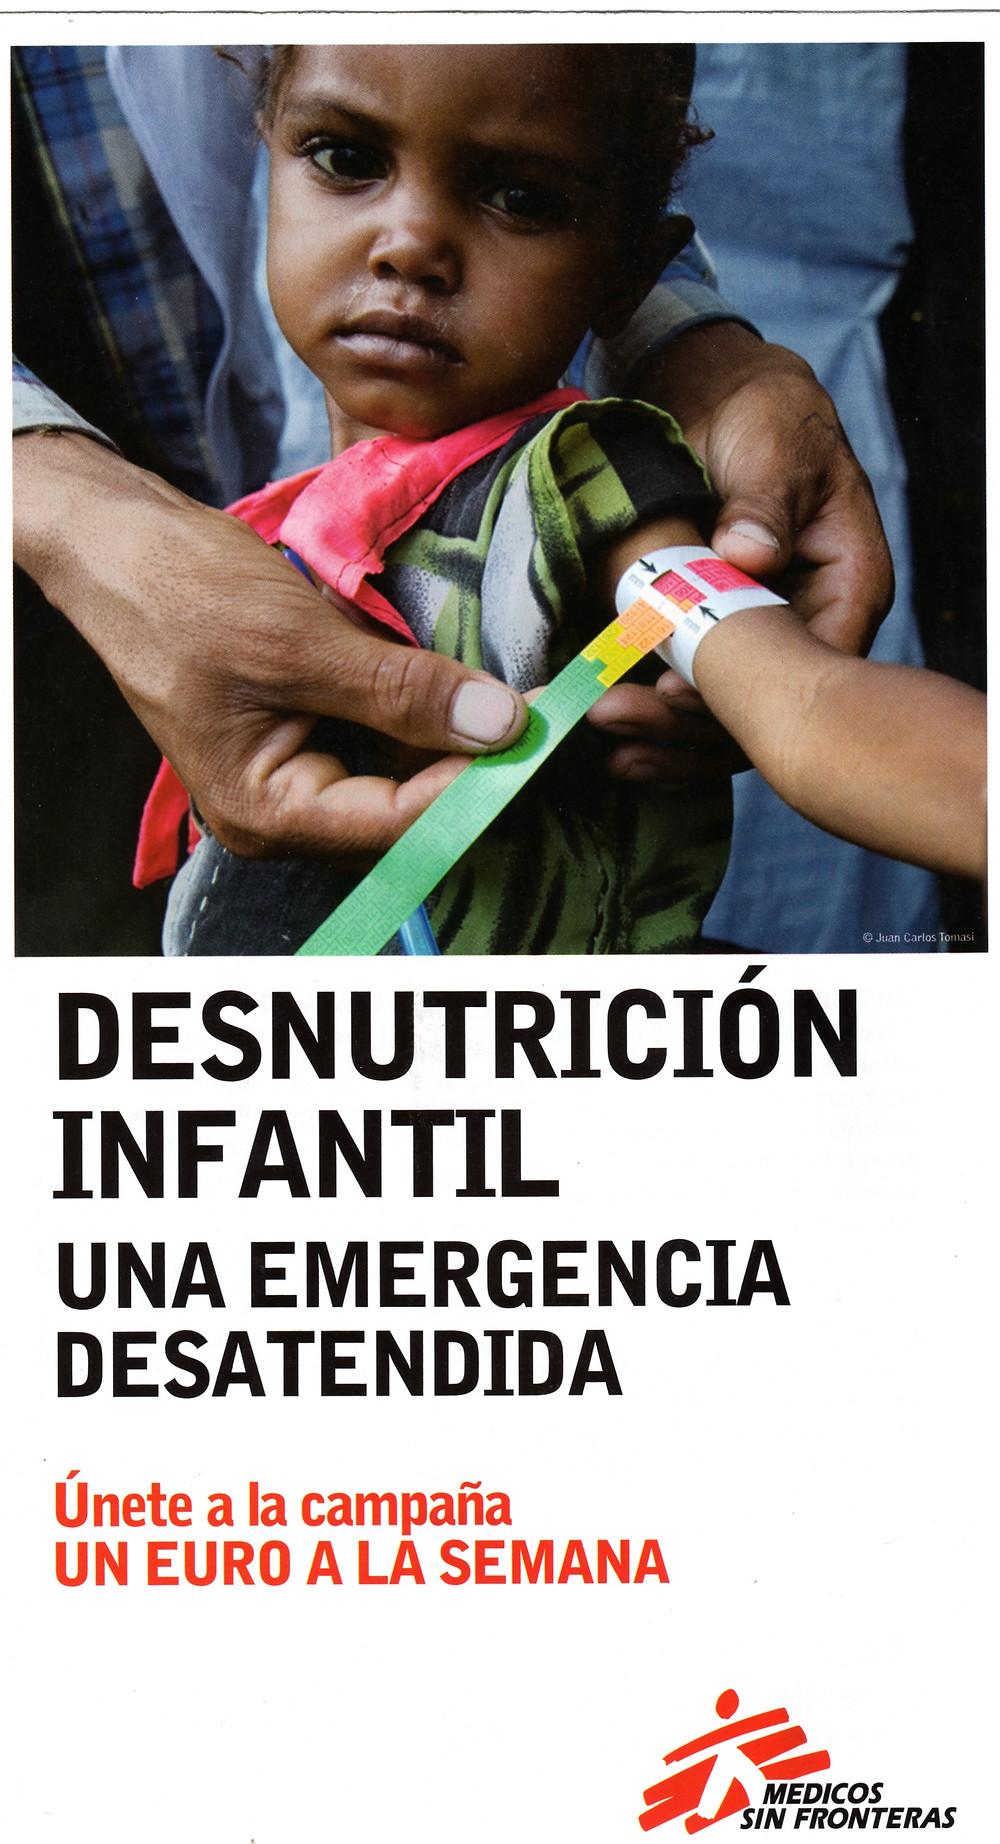 Vídeo de la campaña de Médicos sin Fronteras. 2008.